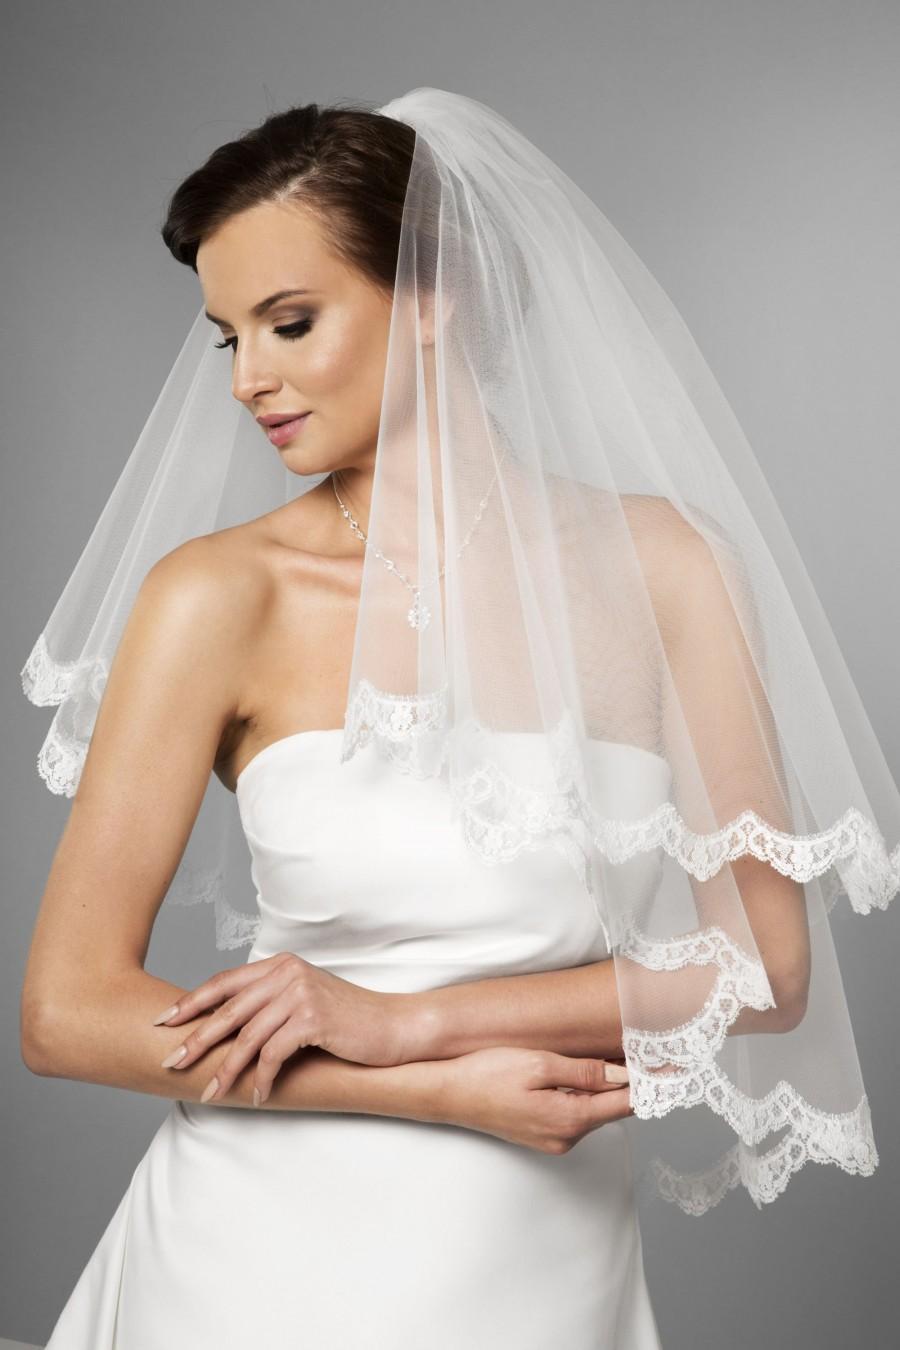 Wedding - 2 tier, white, light ivory, ivory, wedding veil with french lace, bridal veil with french lace, veil with comb, welon ślubny z koronką